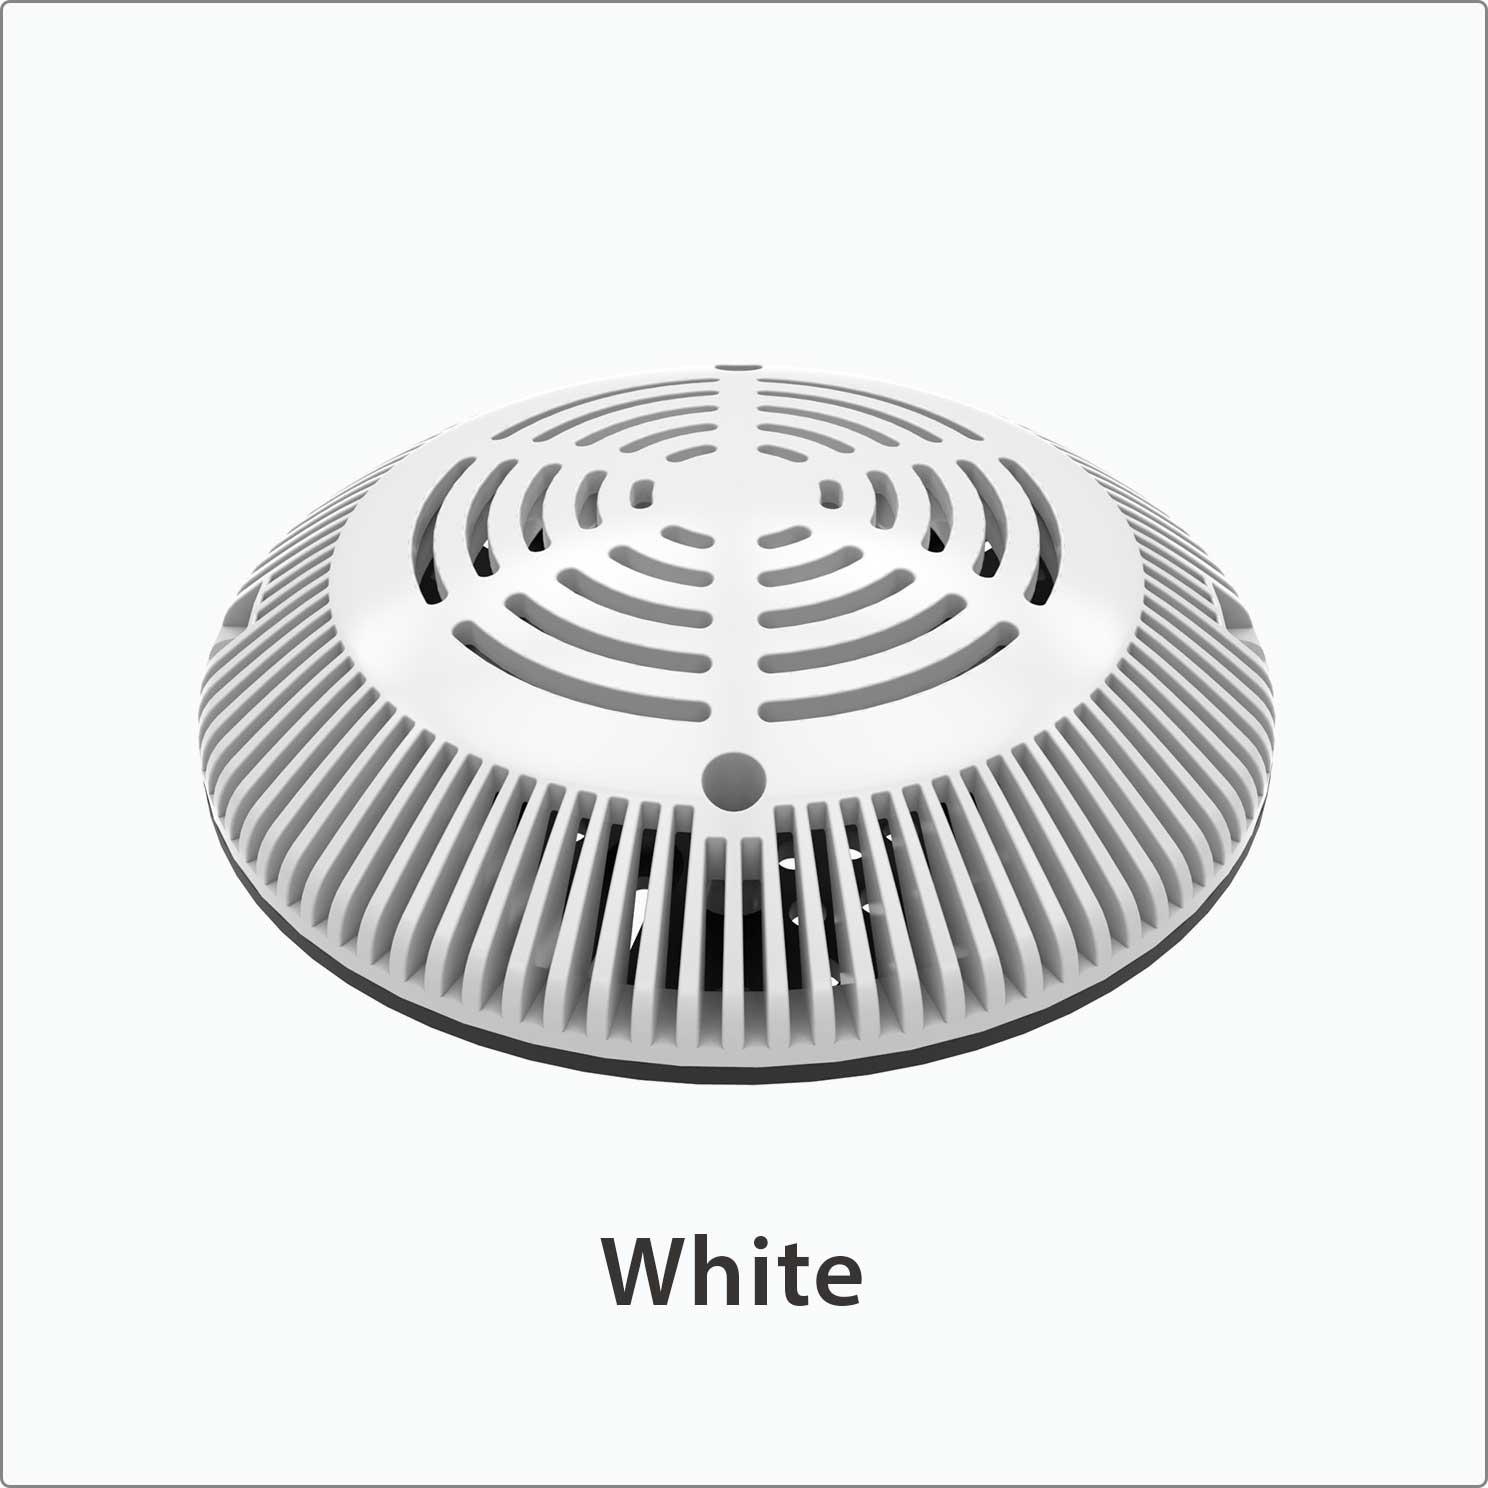 RetroFit 8 White